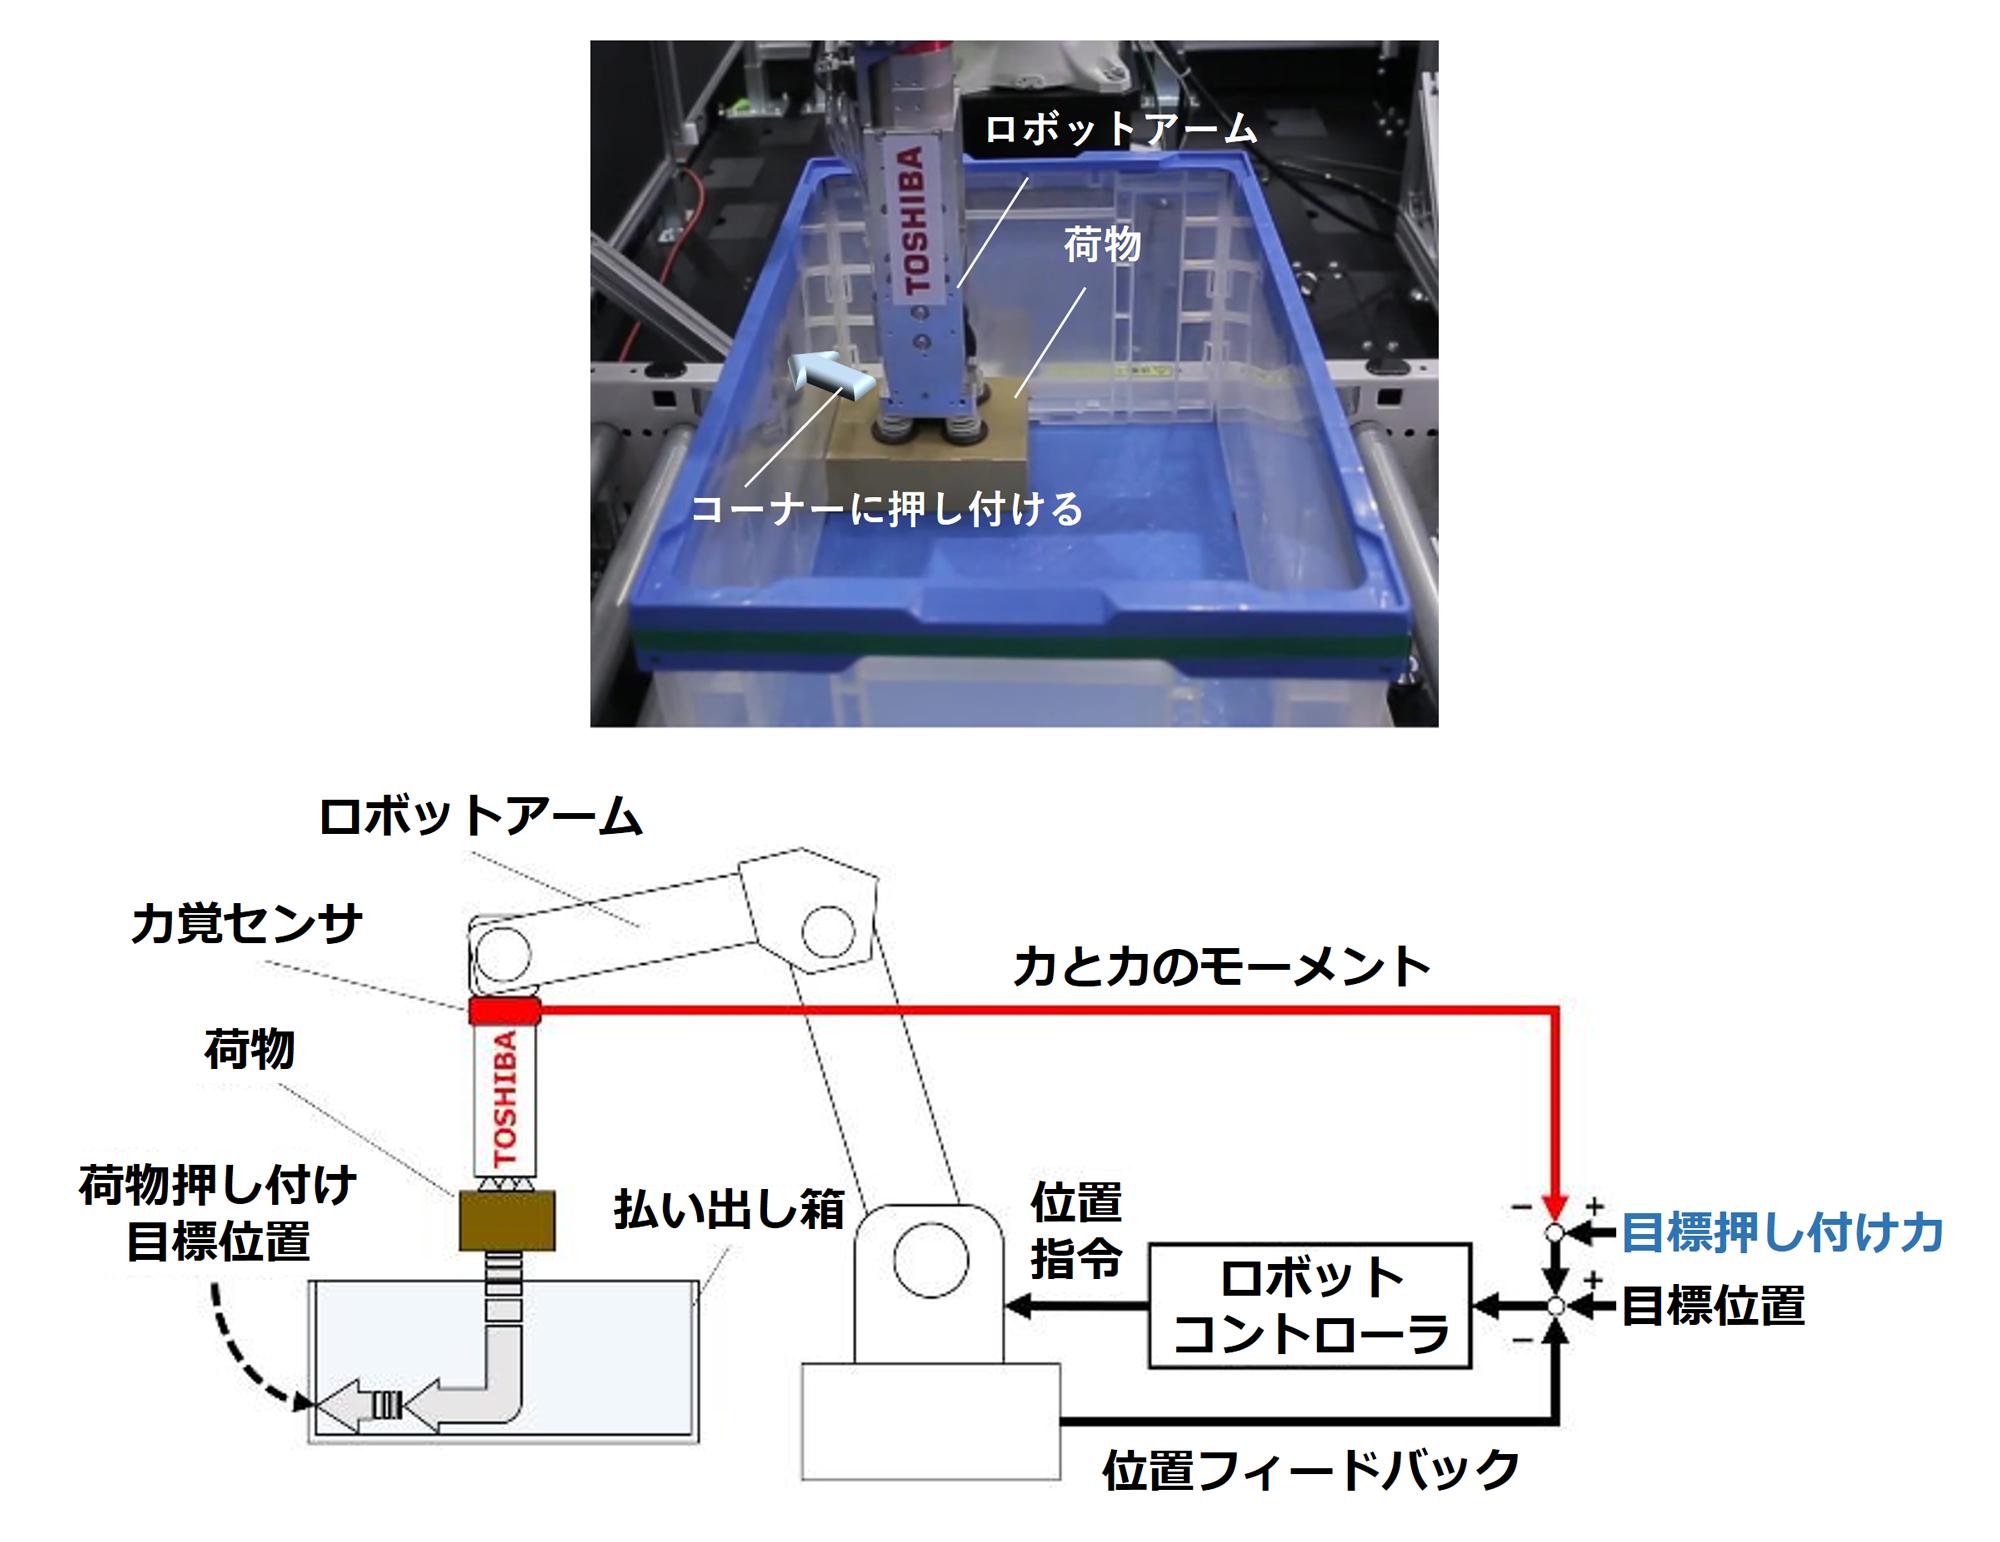 壁と荷物の接触を検出する「力覚センサ」搭載のロボットアームが、人間のように、荷物を端に寄せて配置することを実現する